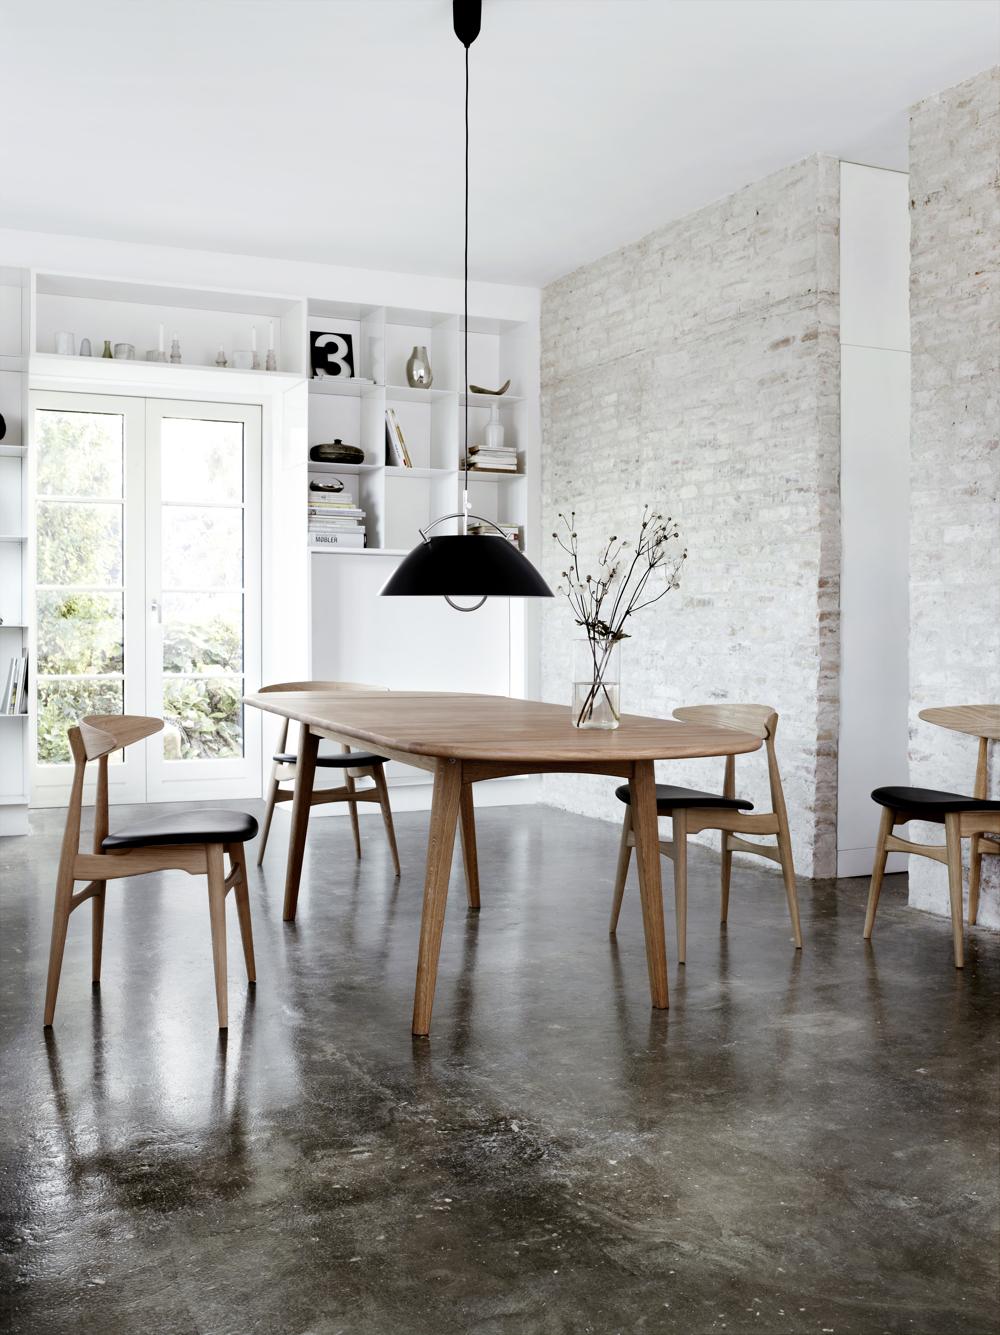 Обеденные стулья в интерьере вашего дома - CH33. Фото 2